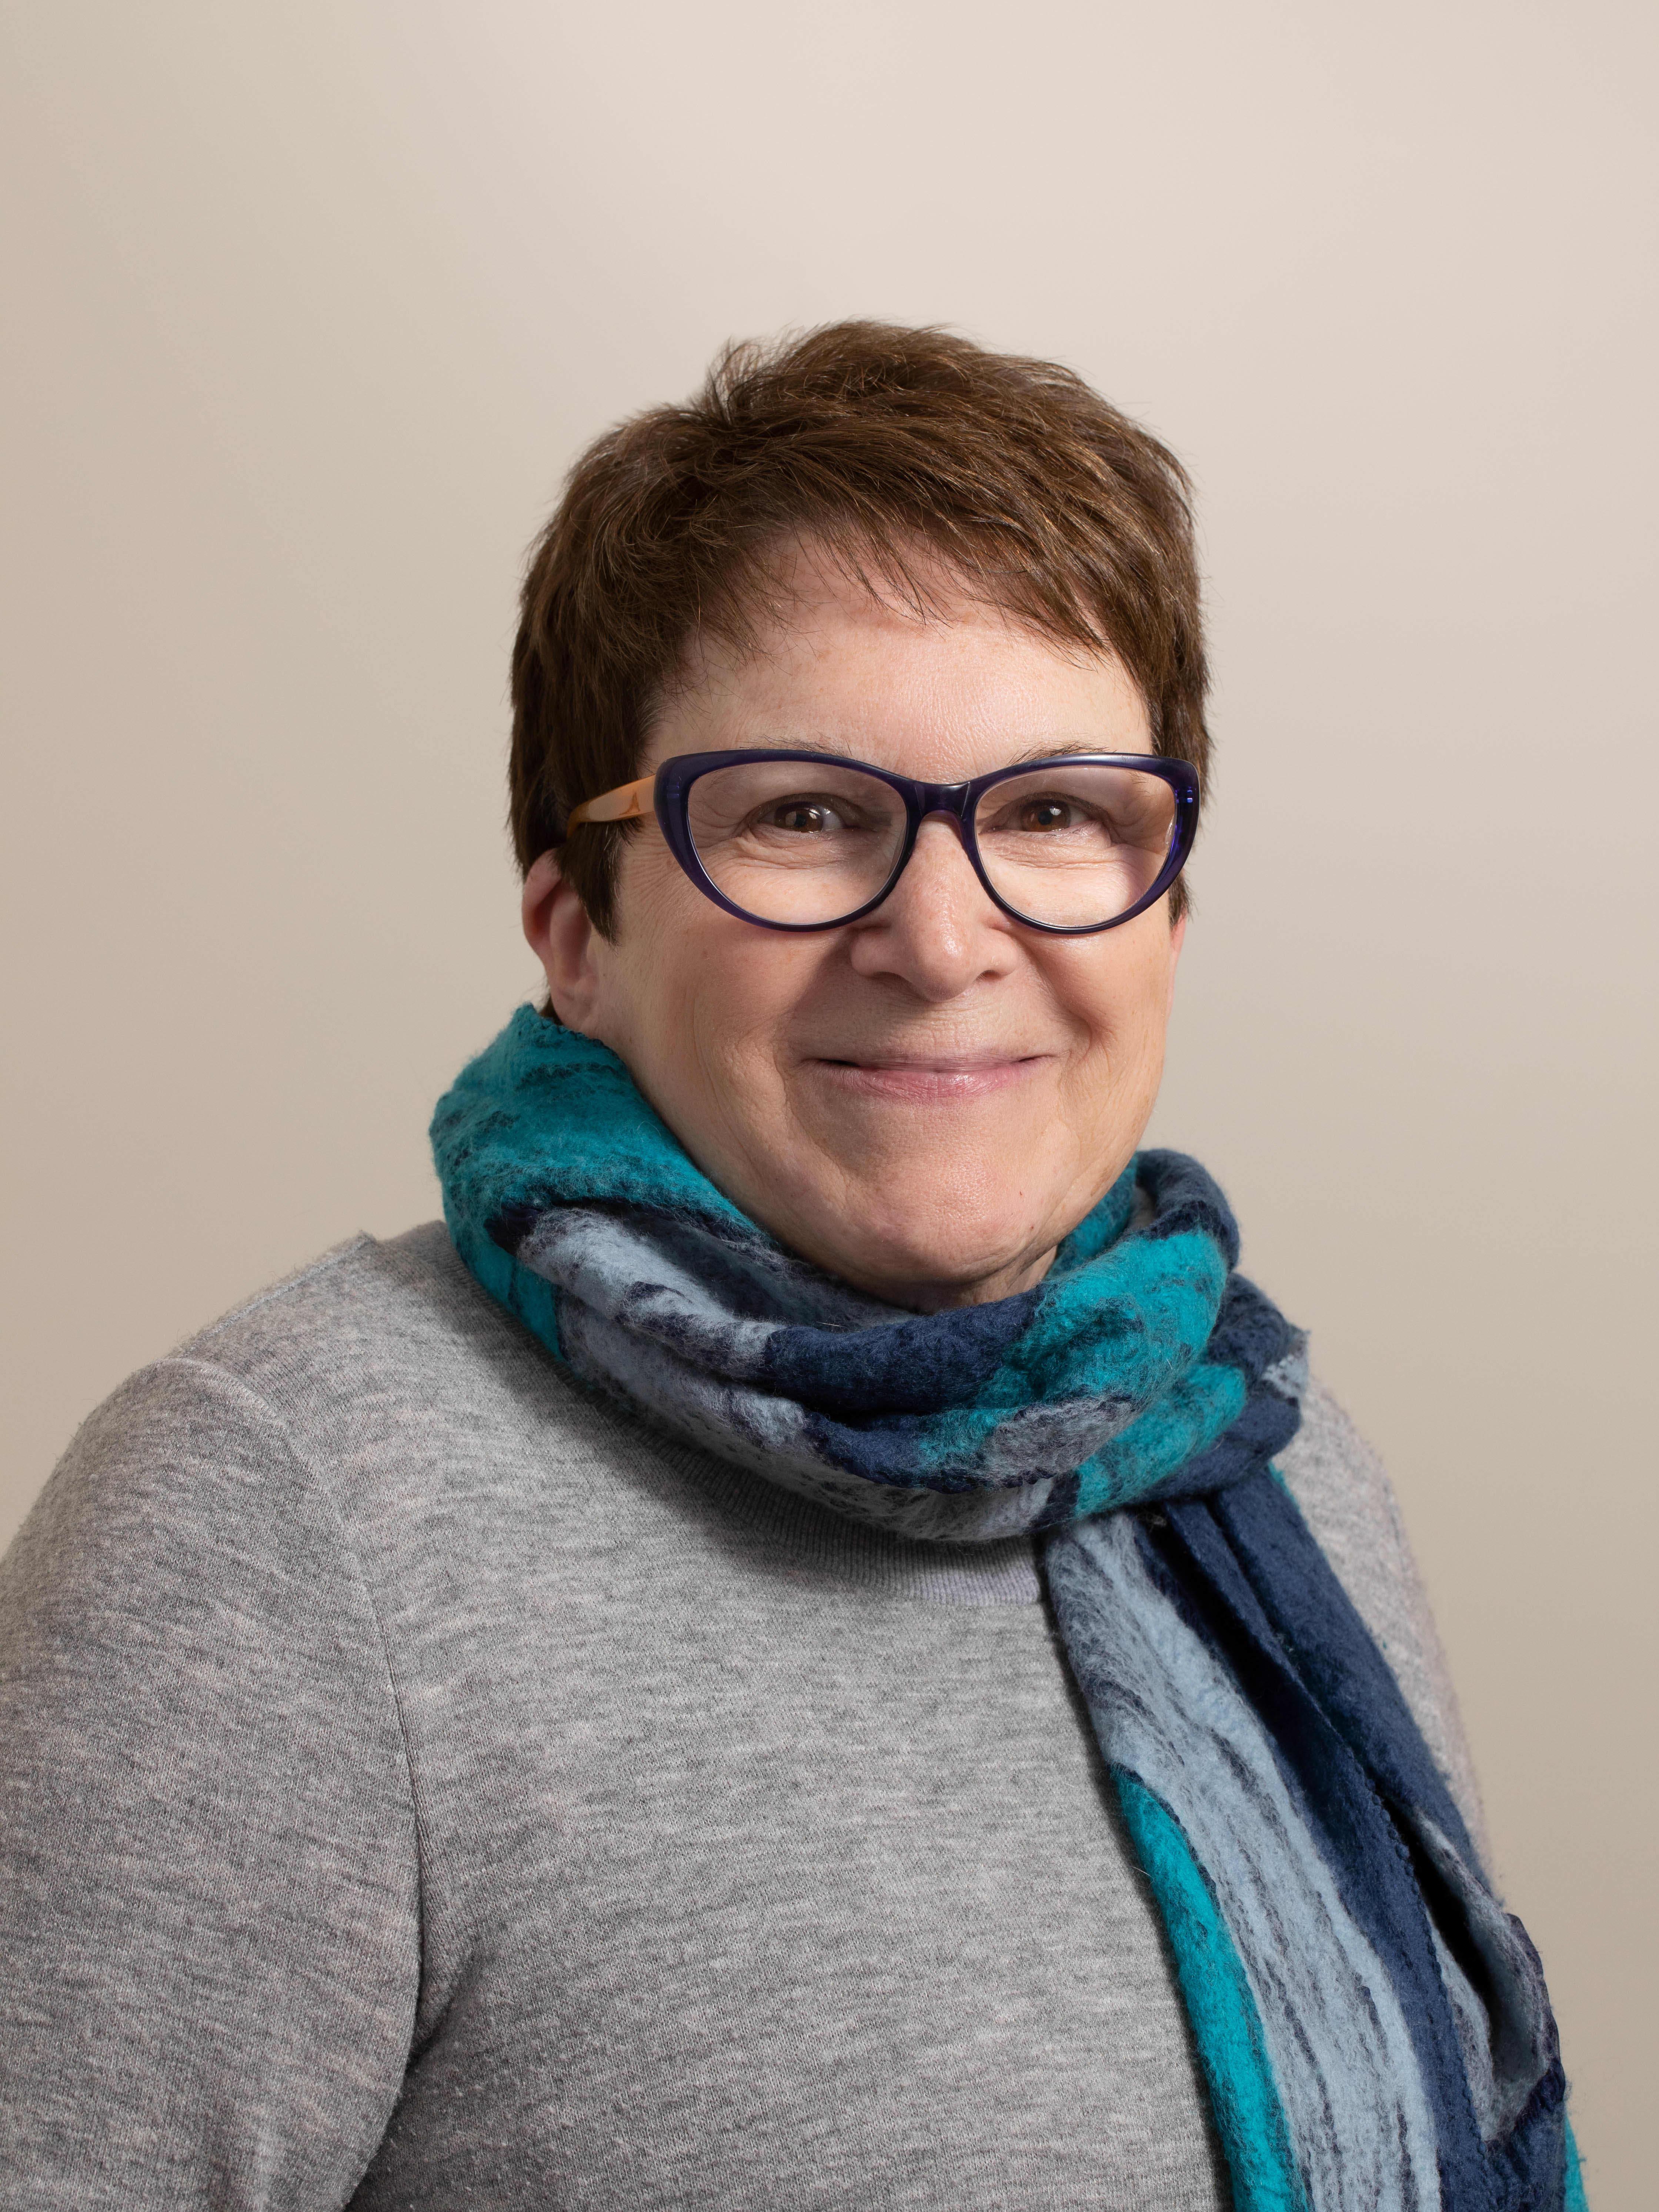 Susan Chmael